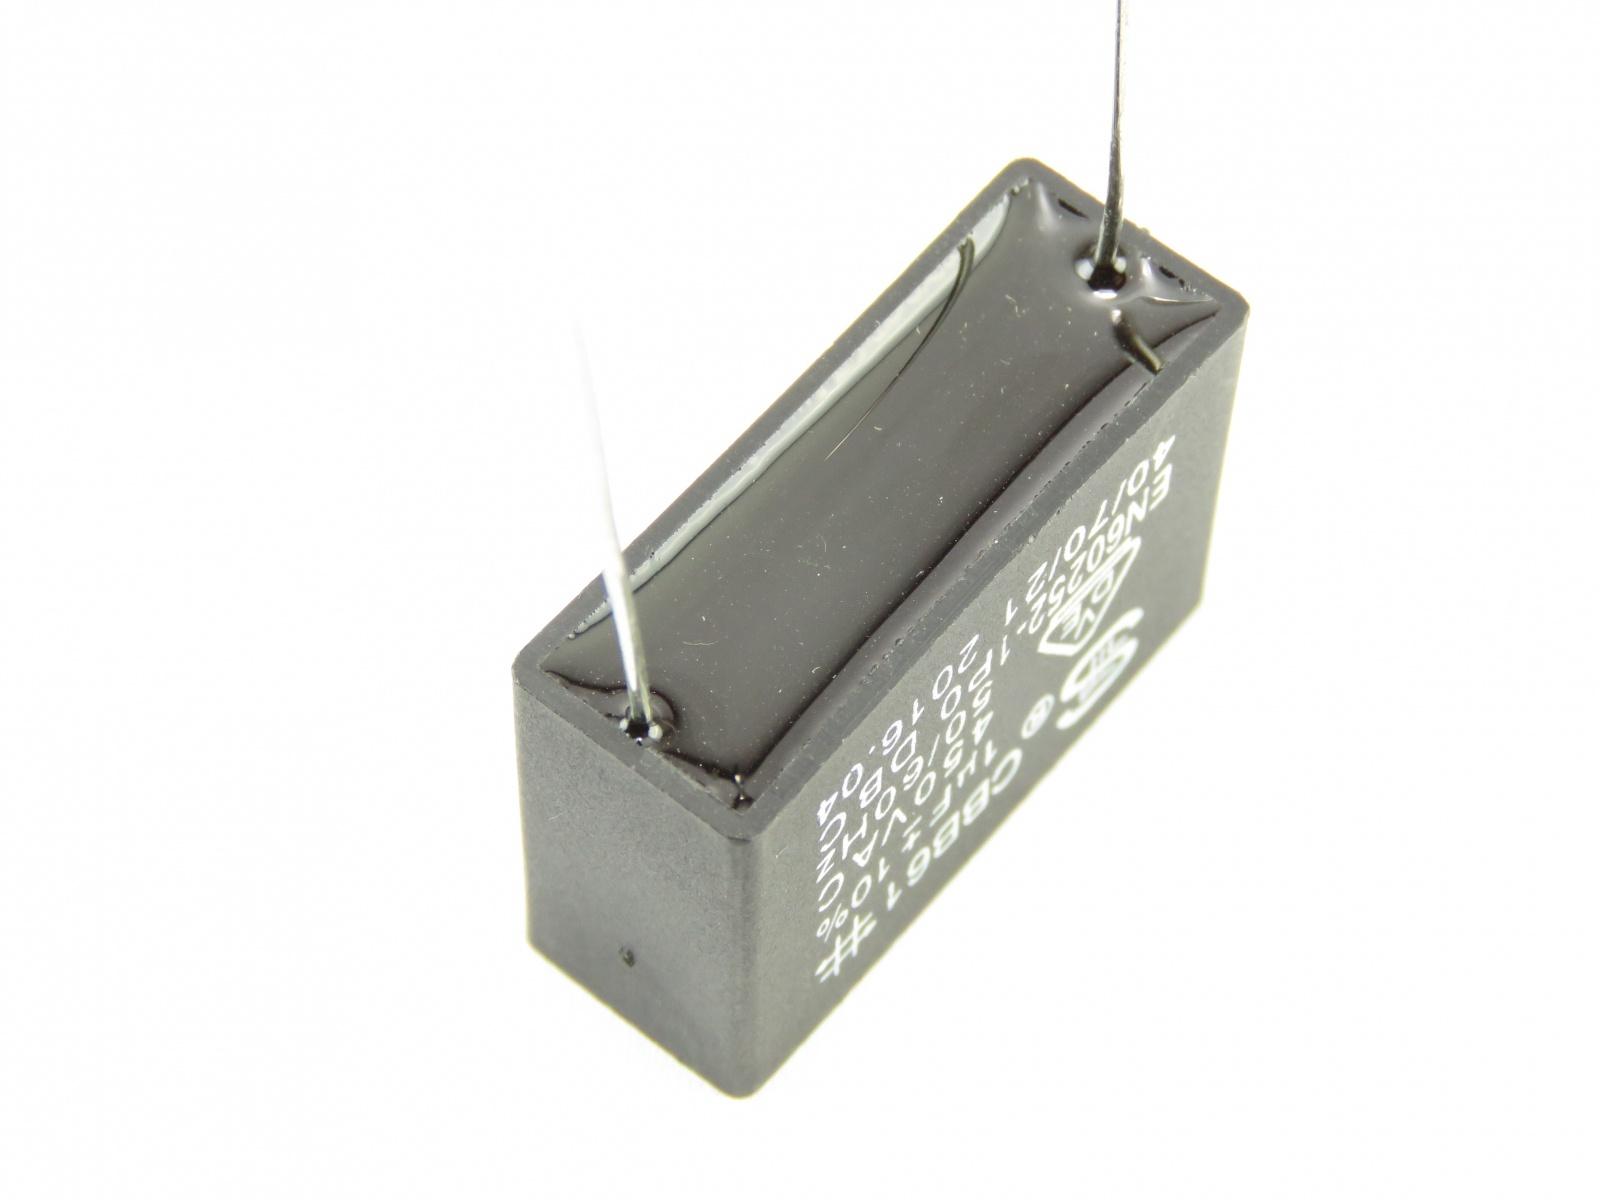 Condensateur démarrage moteur 1uF 450v MOTCAP1UF450V-B (image 2/2)